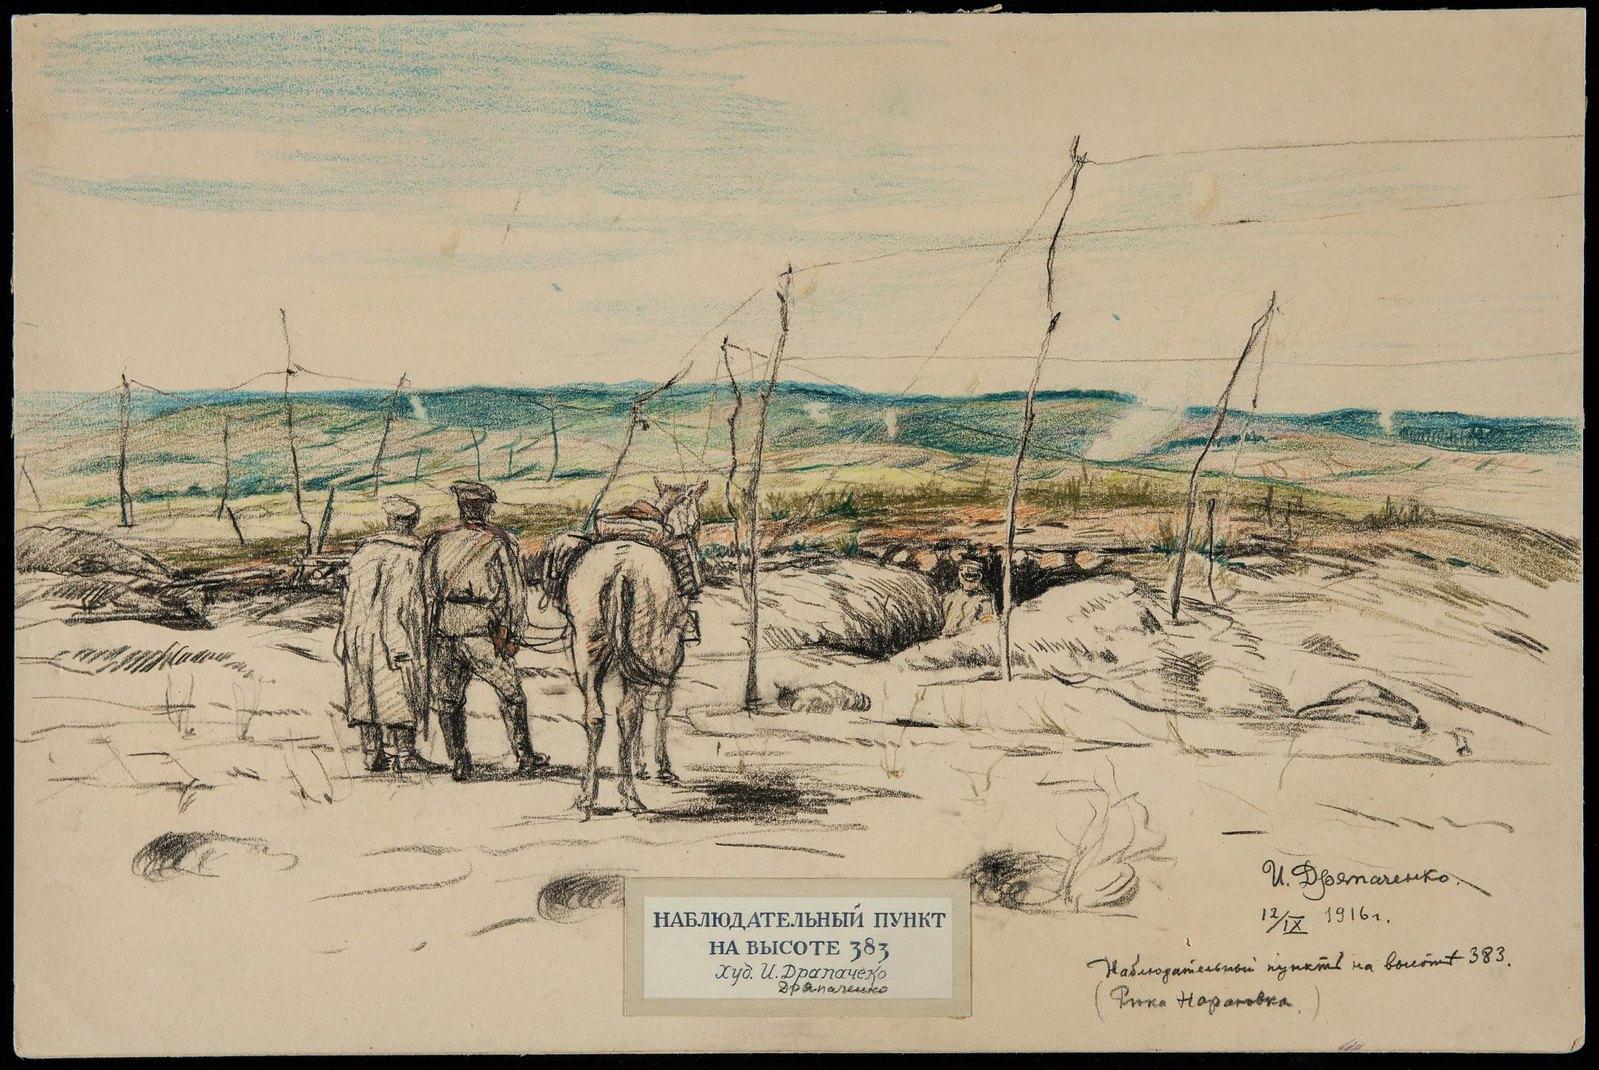 1916. Наблюдательный пункт на высоте 383 близ реки Нараювка в Галиции